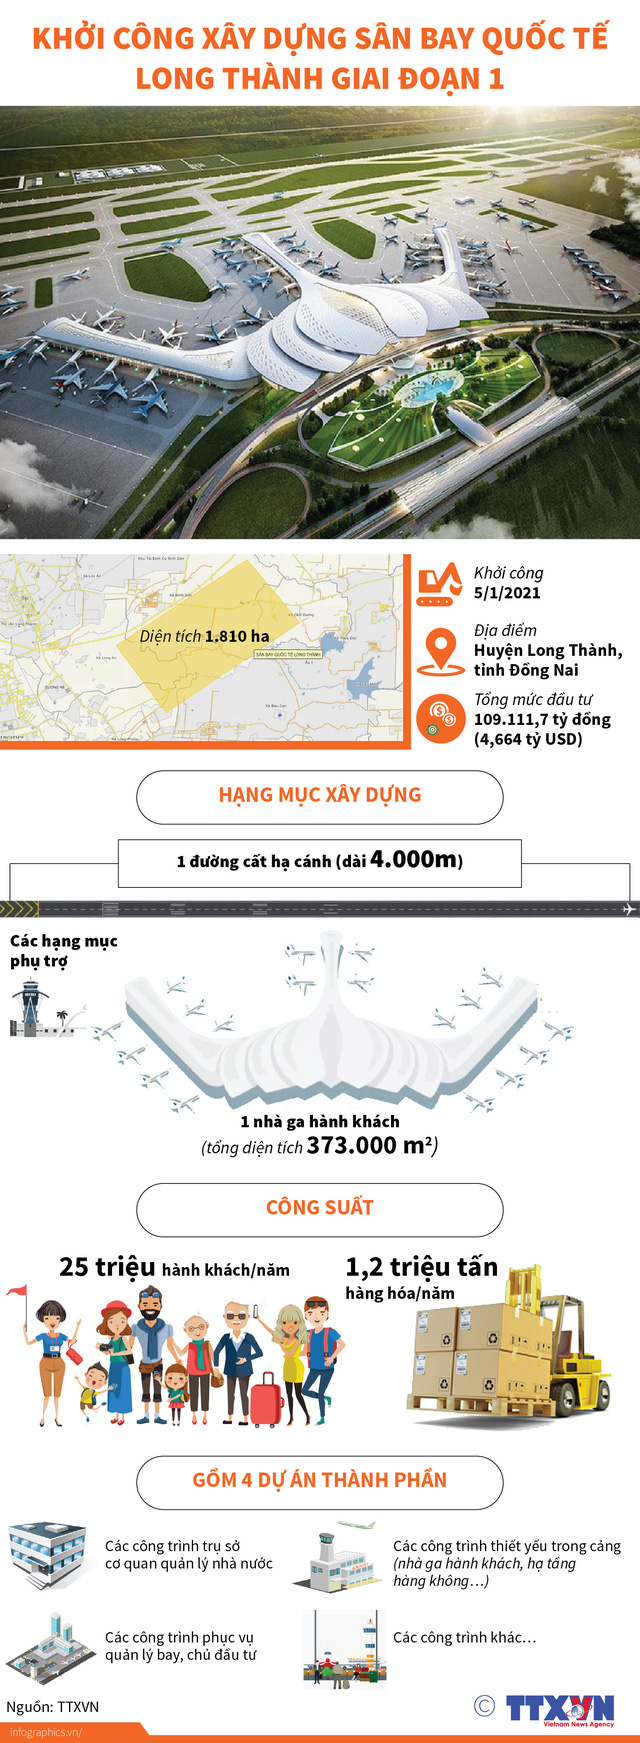 Hôm nay (5/1), khởi công giai đoạn 1 sân bay Long Thành - Ảnh 2.